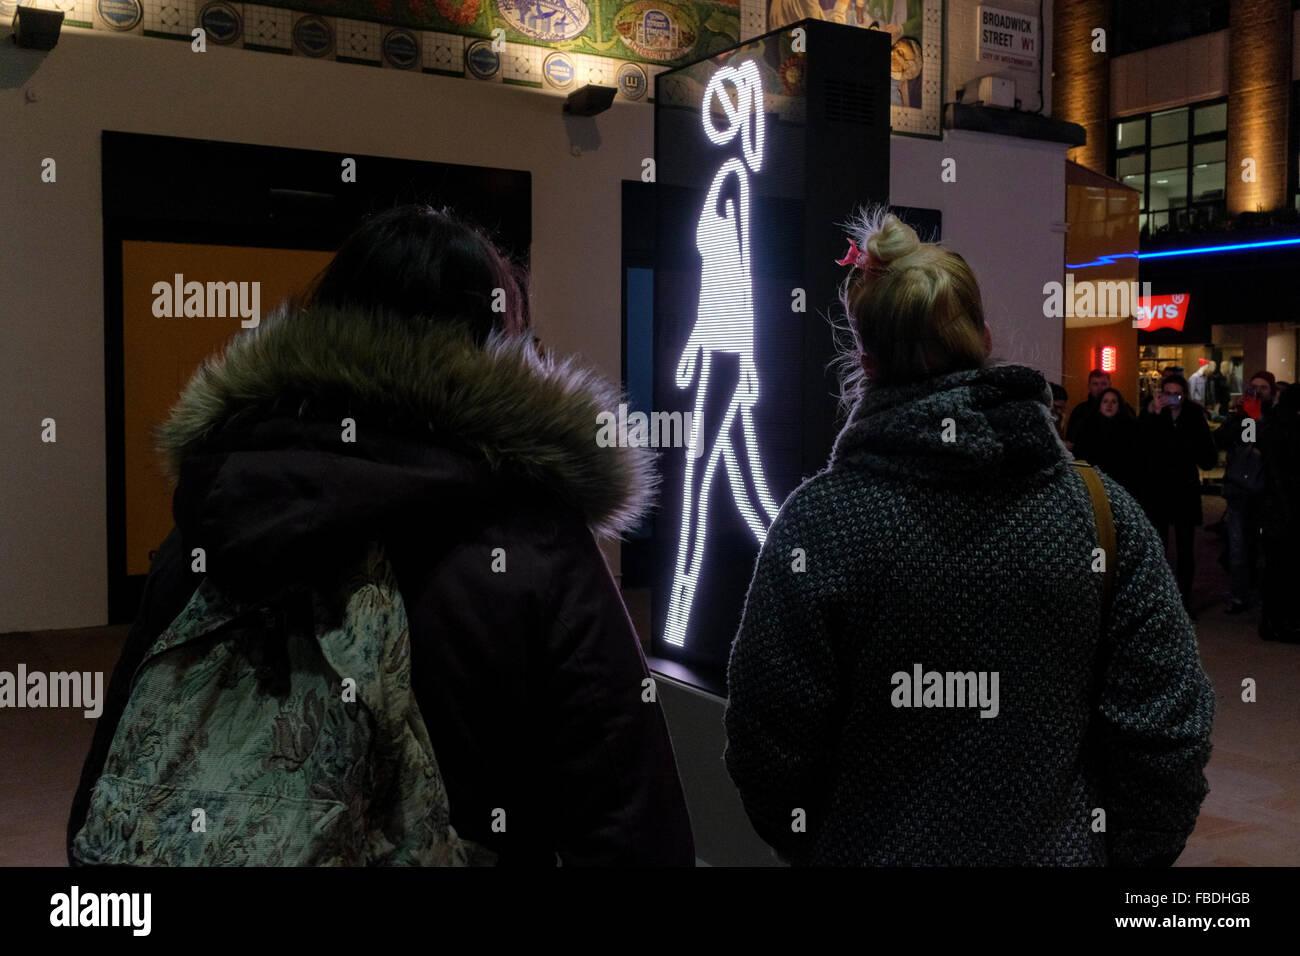 Shaida Walking, 2015 by Julian Opie on display in Broadwick street, off Carnaby Street, London, UK - Stock Image